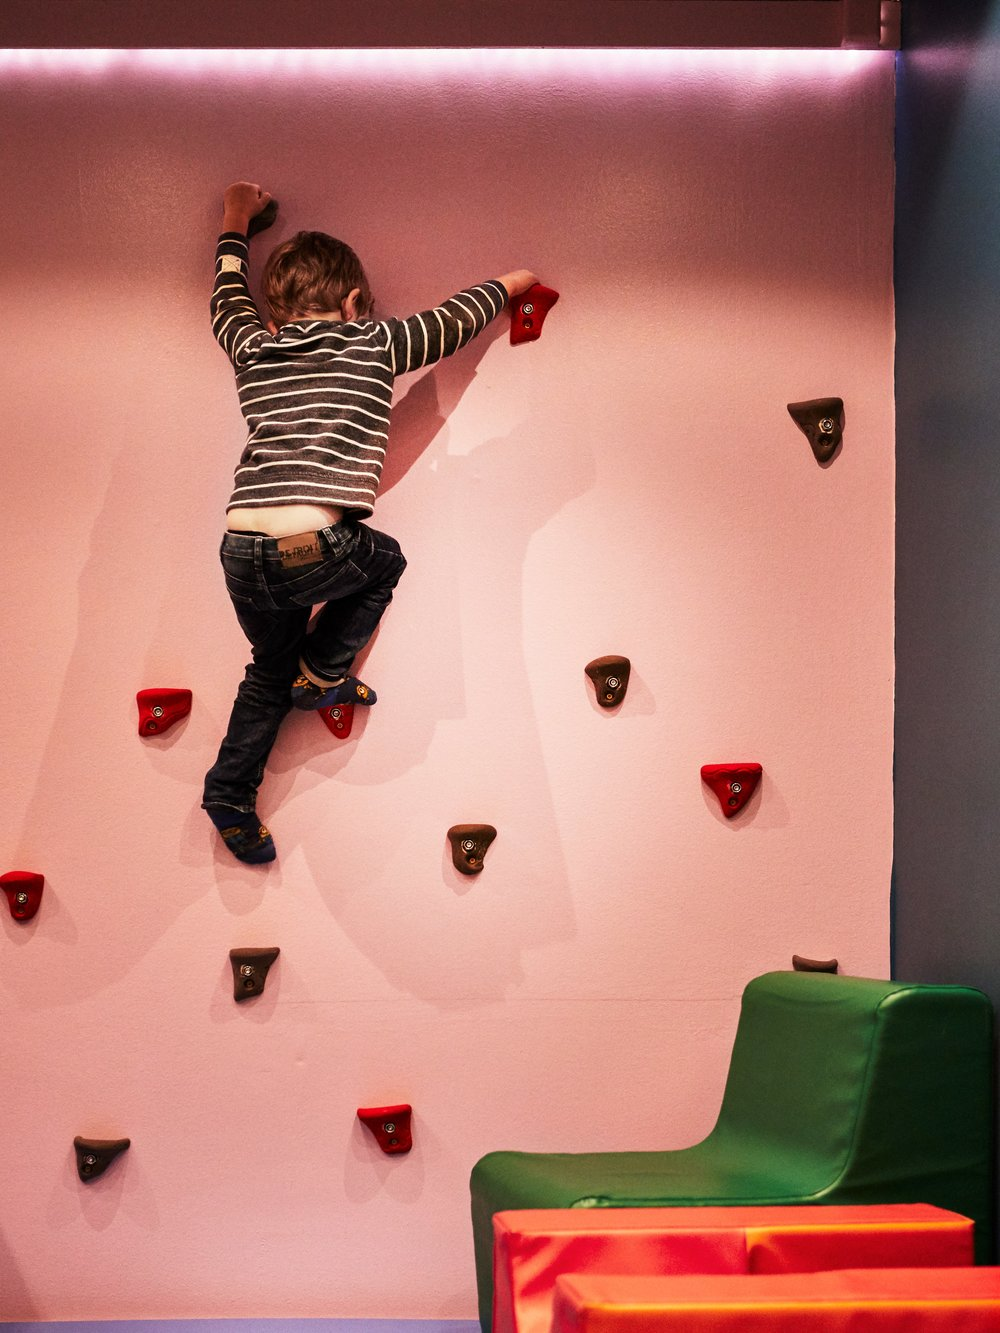 barn klättrar